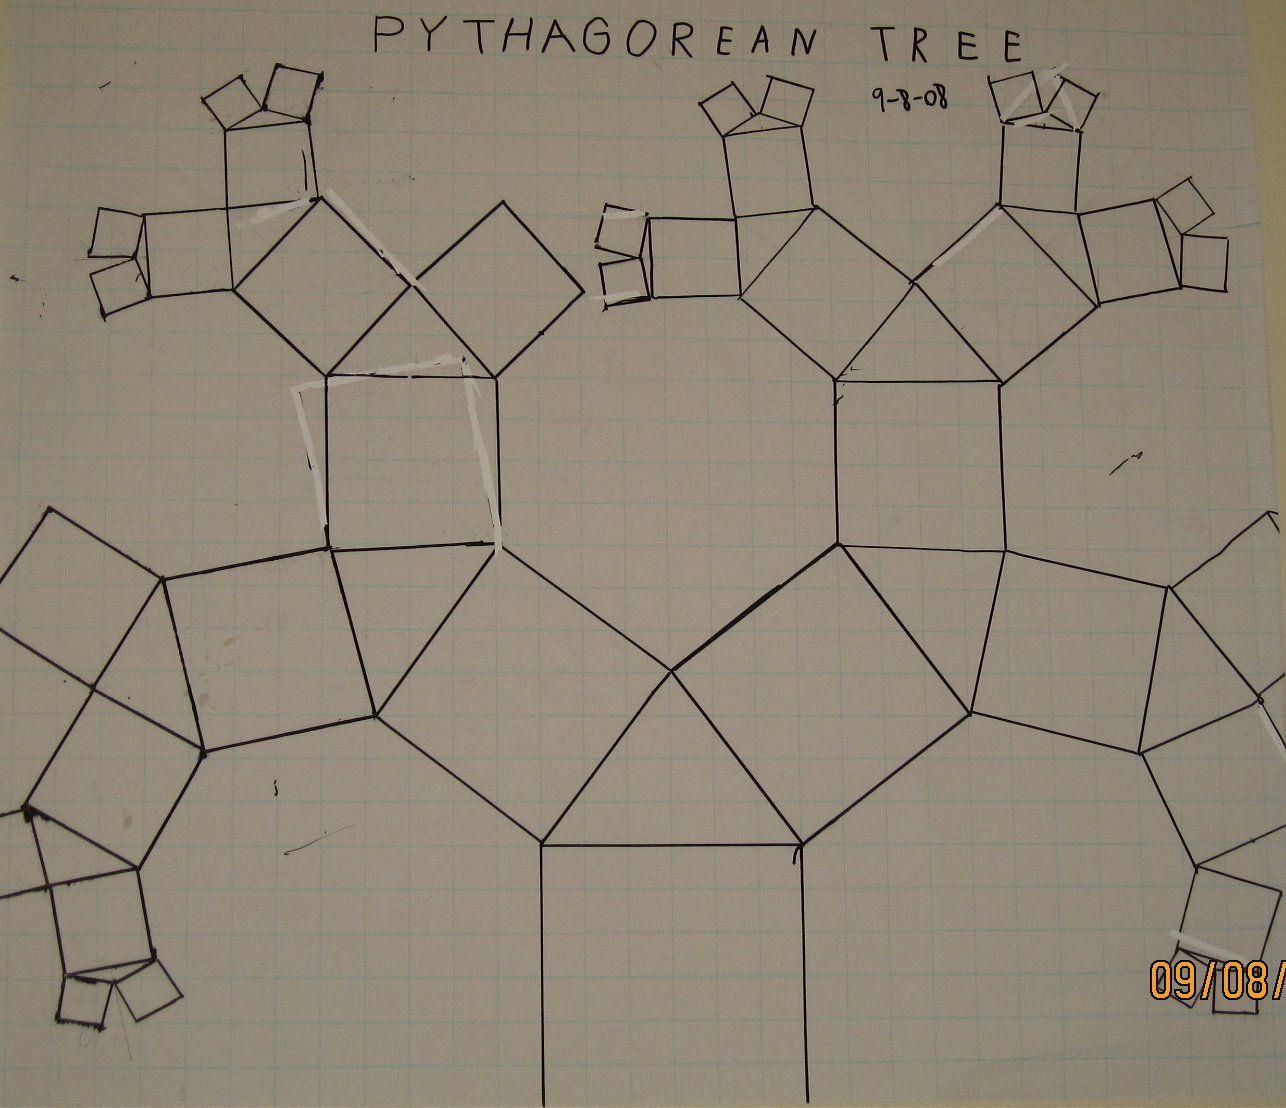 Pythagorean Tree